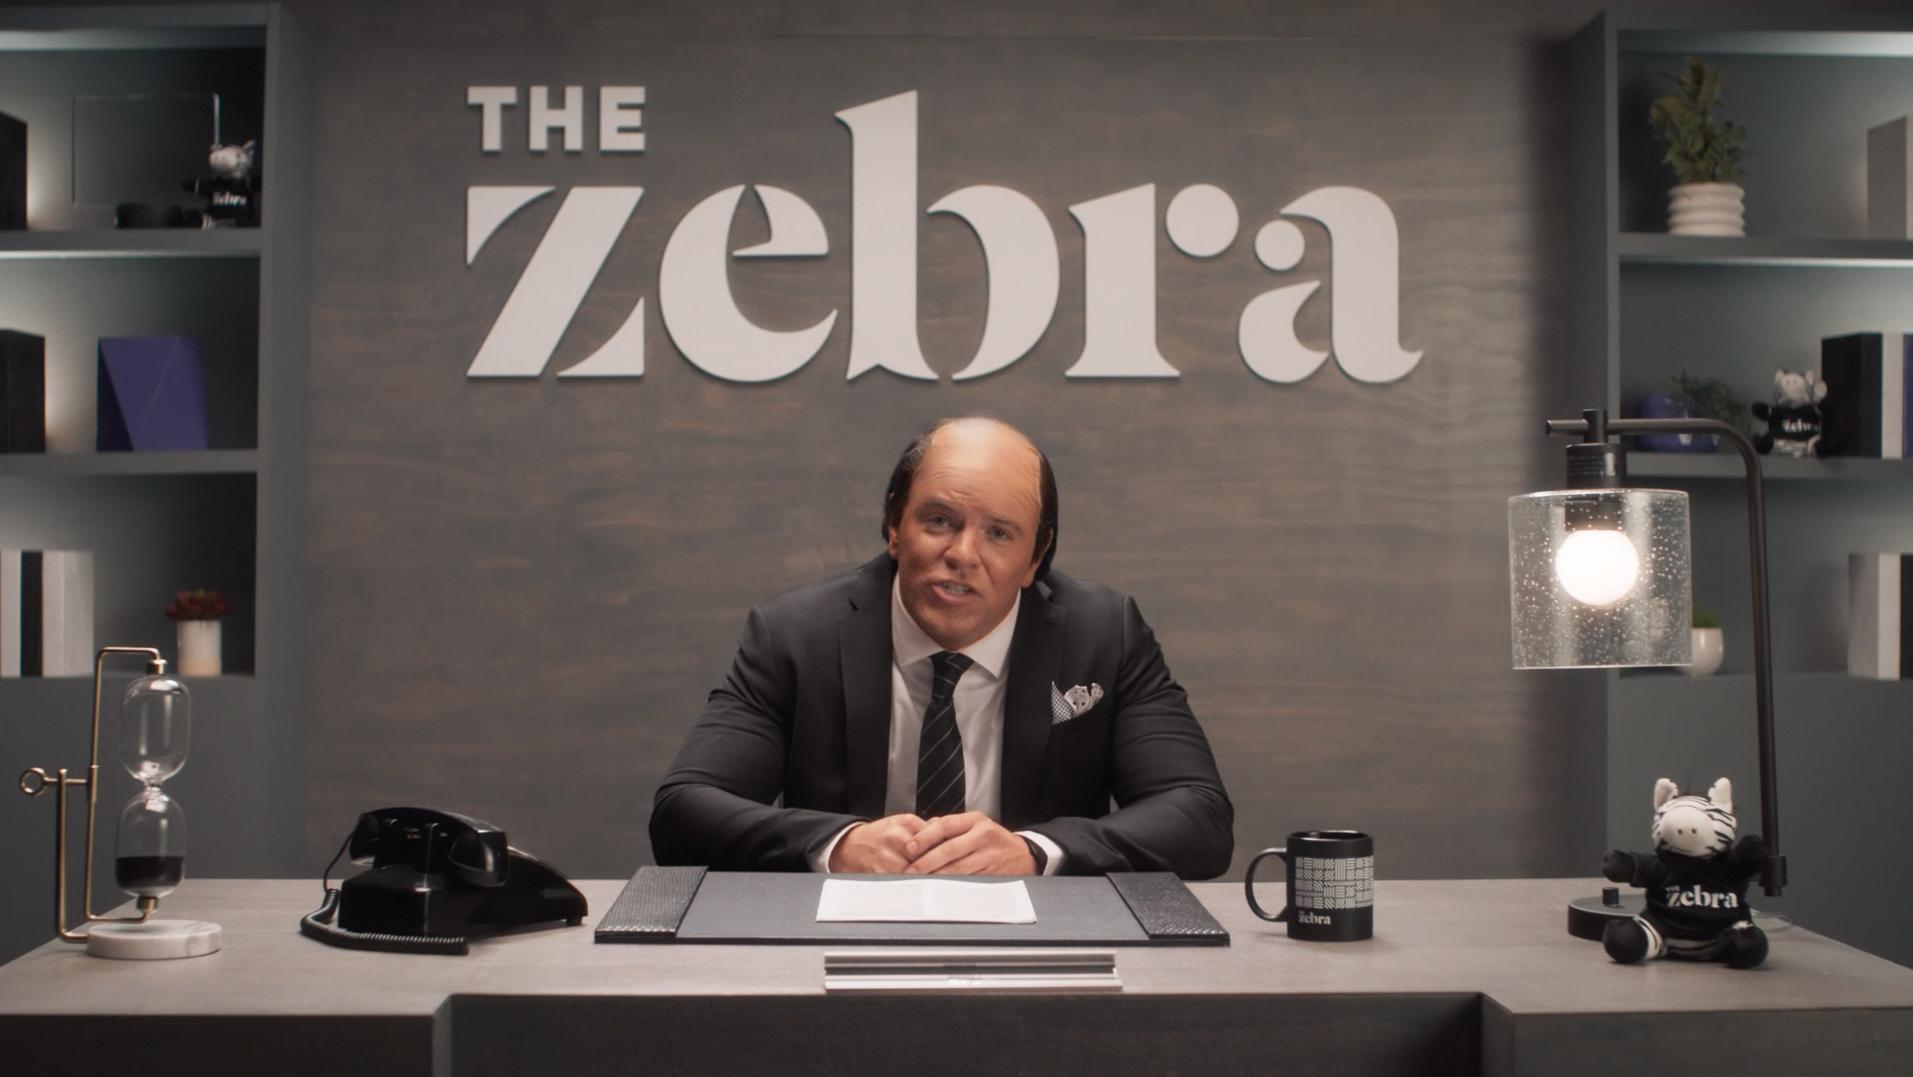 The Zebra.com_4.jpeg